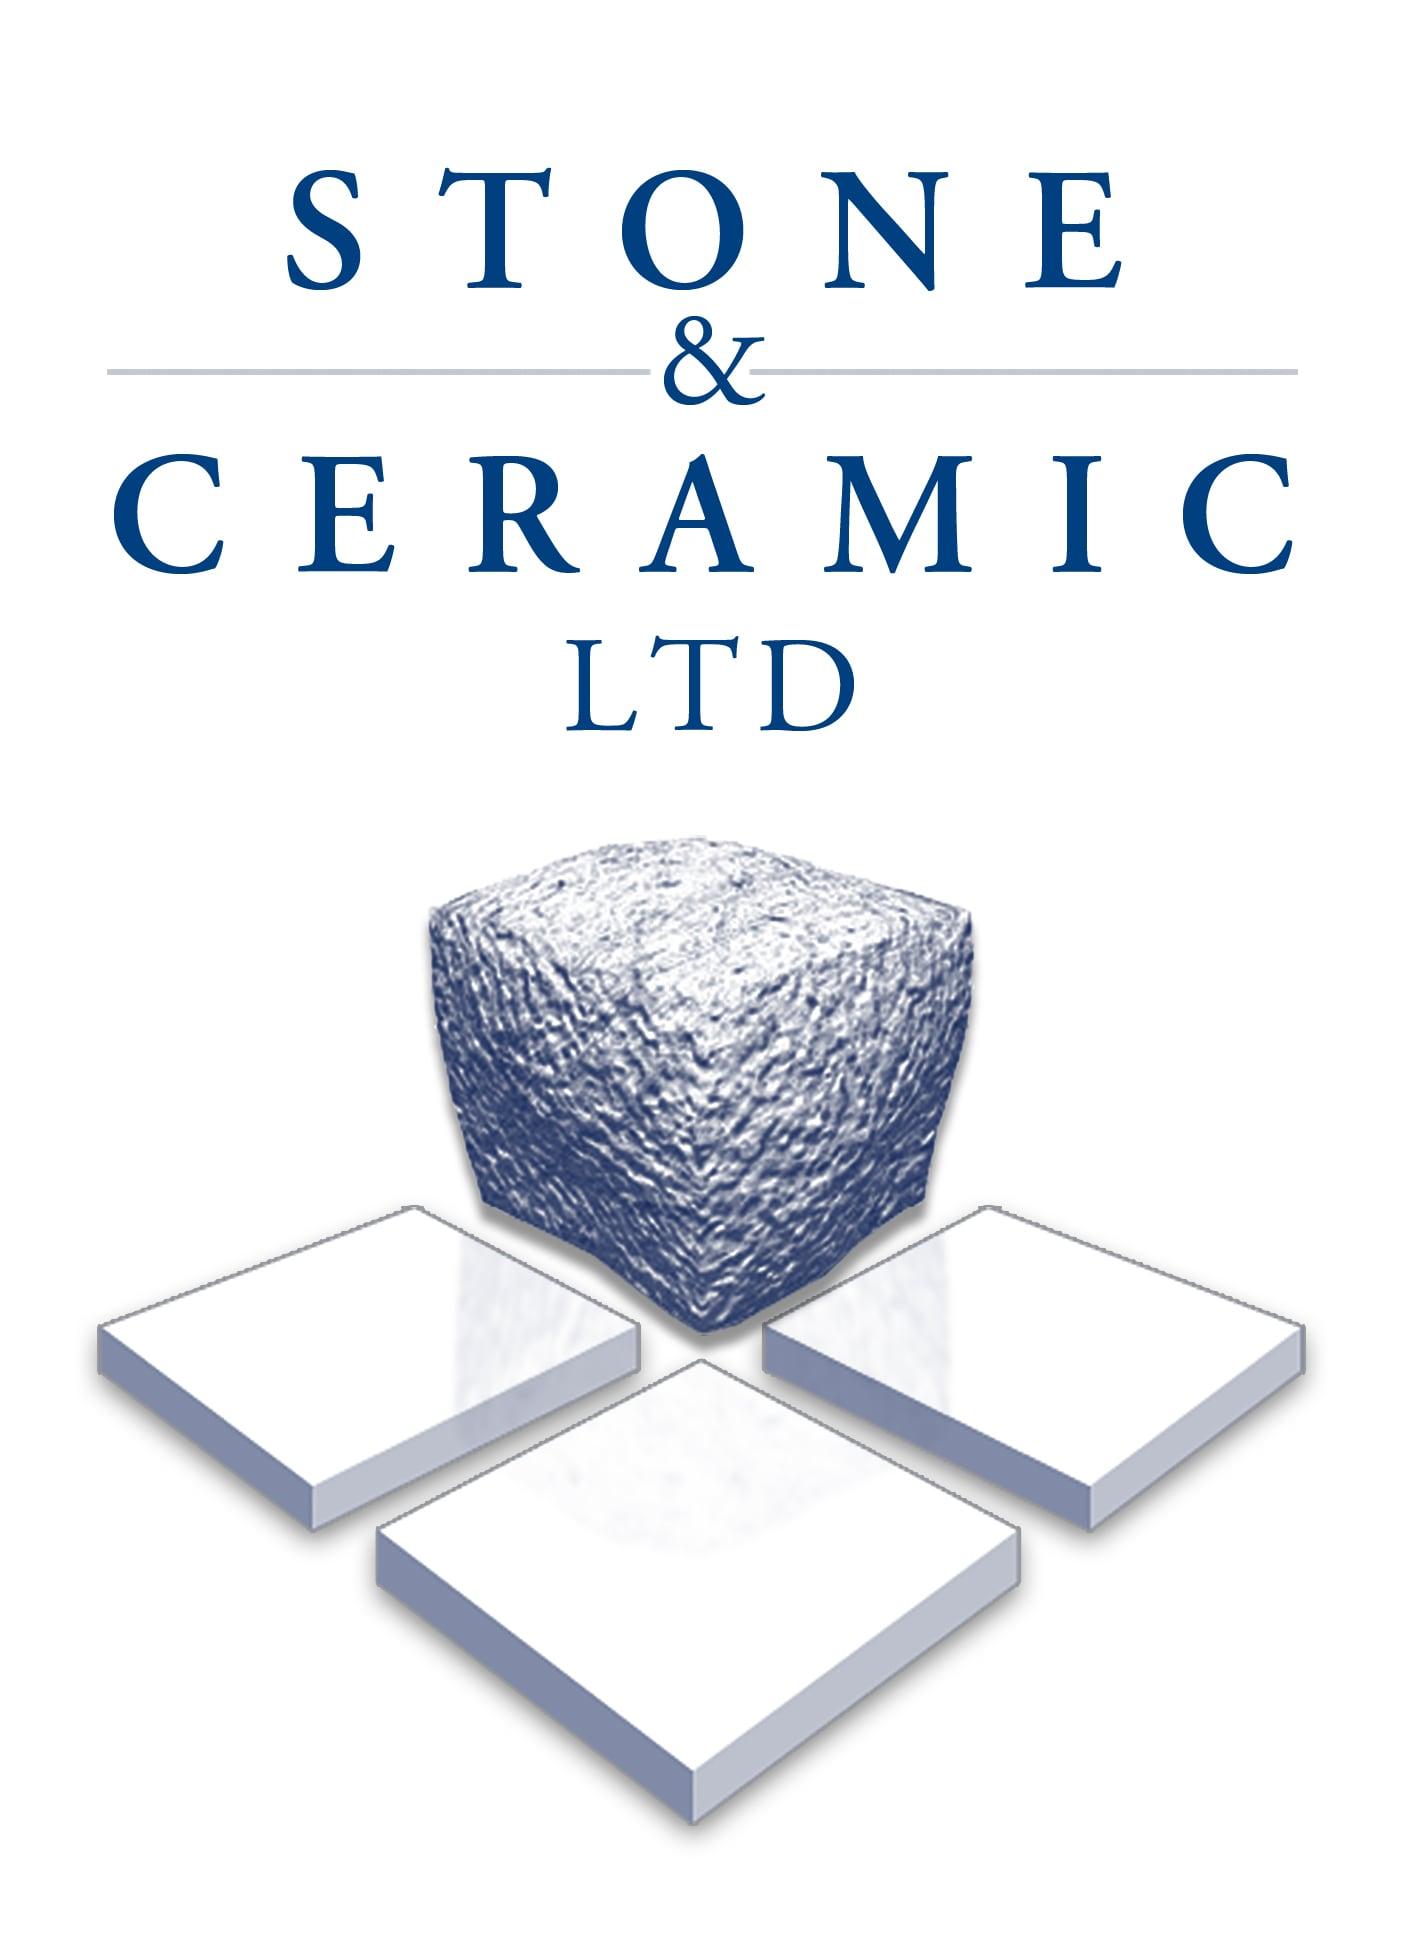 Stone & Ceramic Ltd